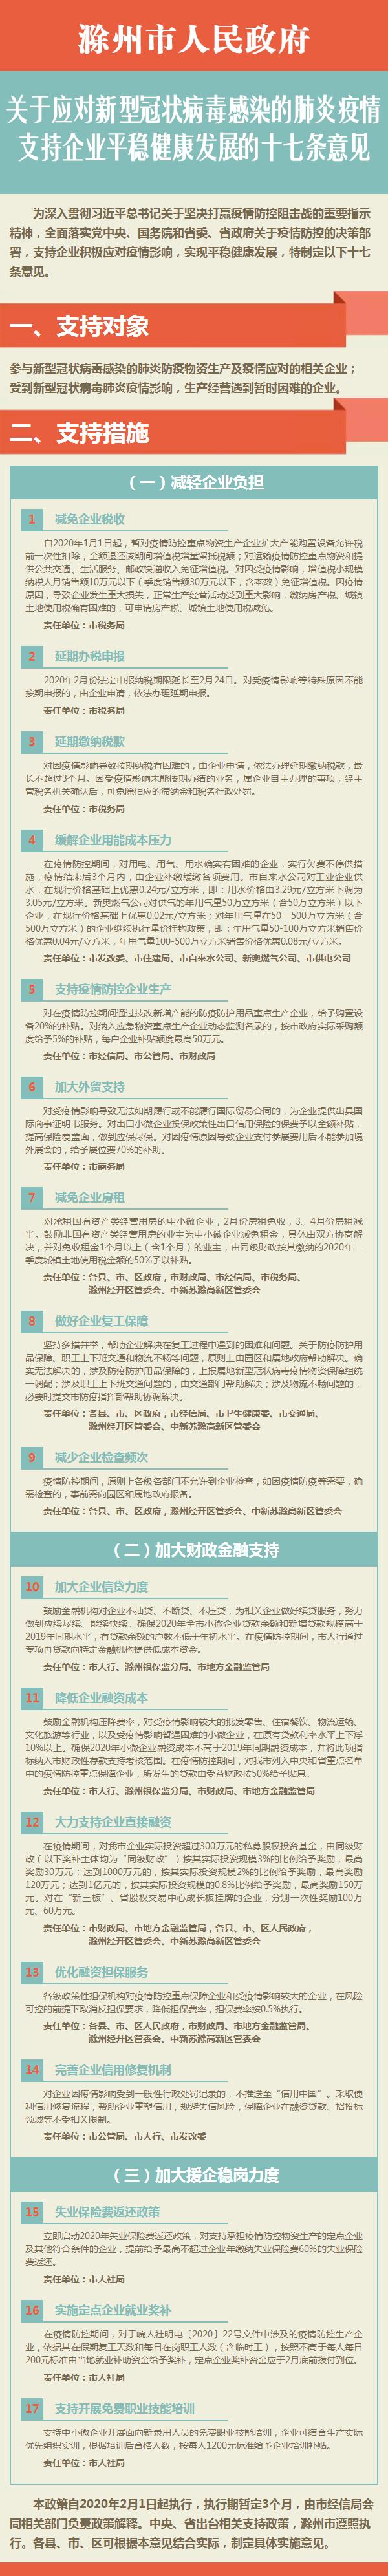 关于应对新型冠状病毒感染的肺炎疫情支持企业平稳健康发展的十七条意见.png